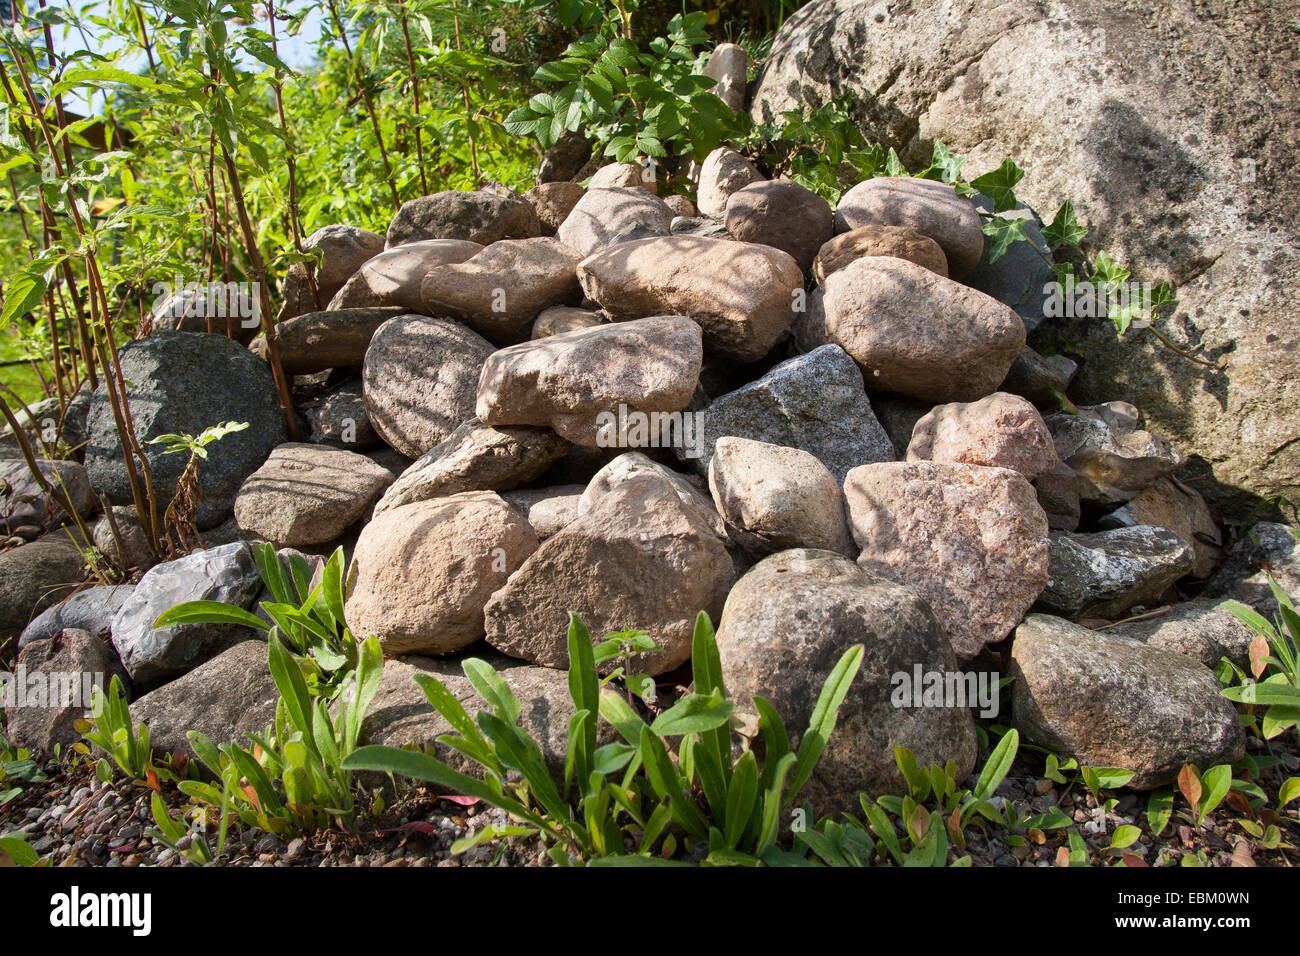 Haufen von Steinen in einem Garten, Lebensraum für Tiere, Deutschland Stockbild